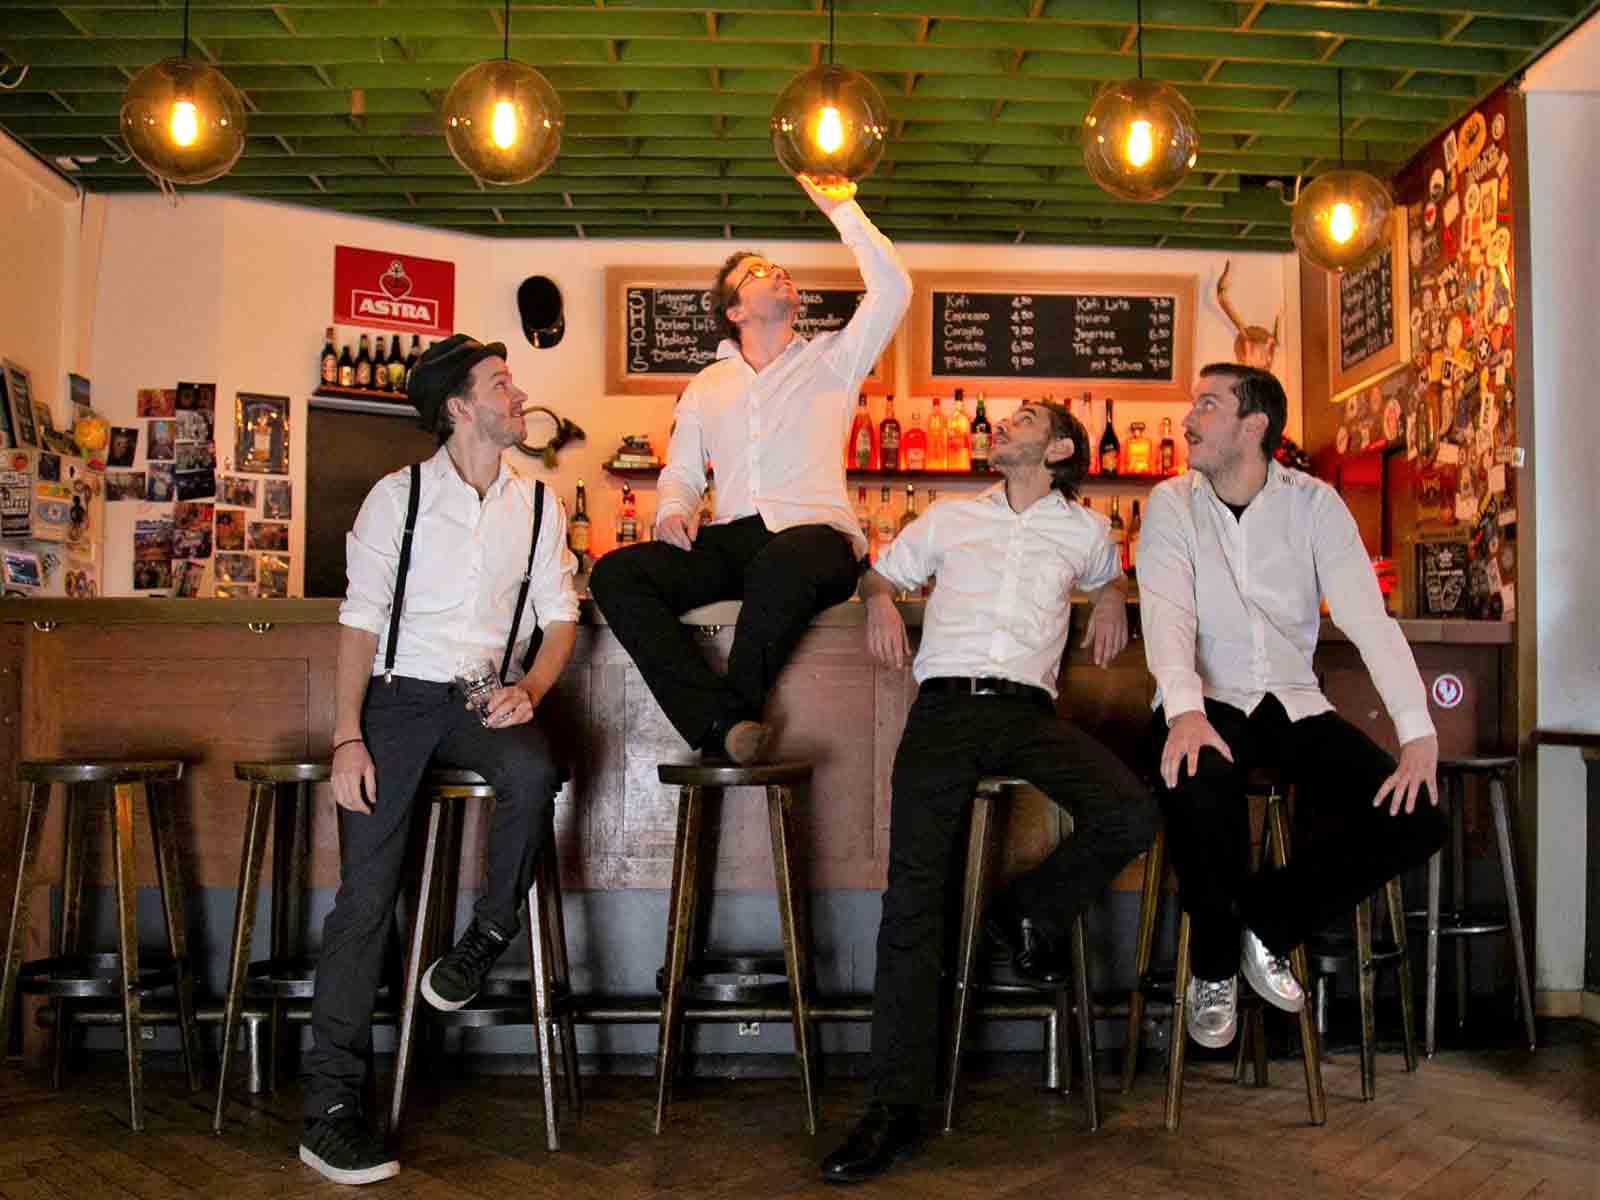 Die vier Bandmitglieder Martin Burkhard, Thomas Gujer, Tobia Zeta und Alex Janssen (v.l.) verbindet die Freude am Musikmachen.